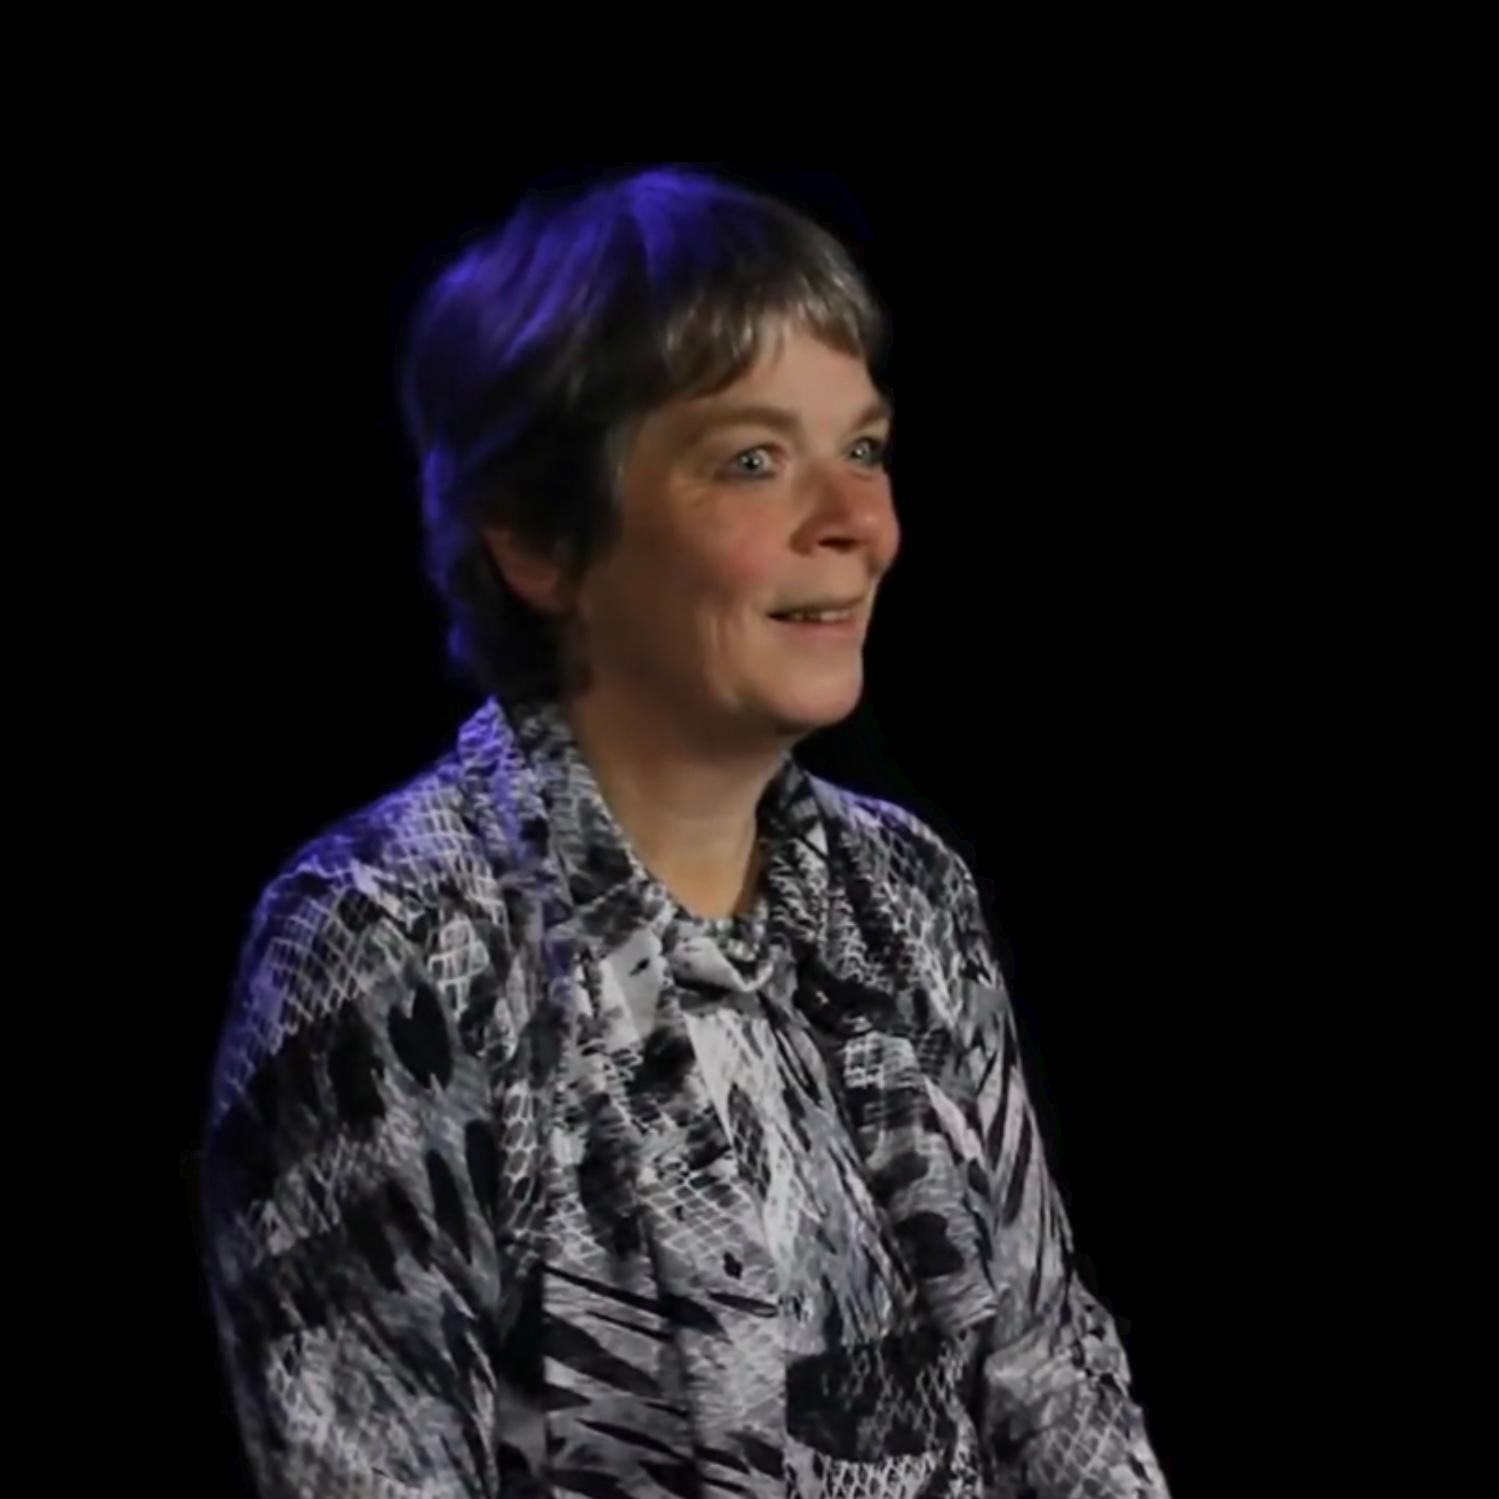 Jeanette vertelt over de klankzangsessies